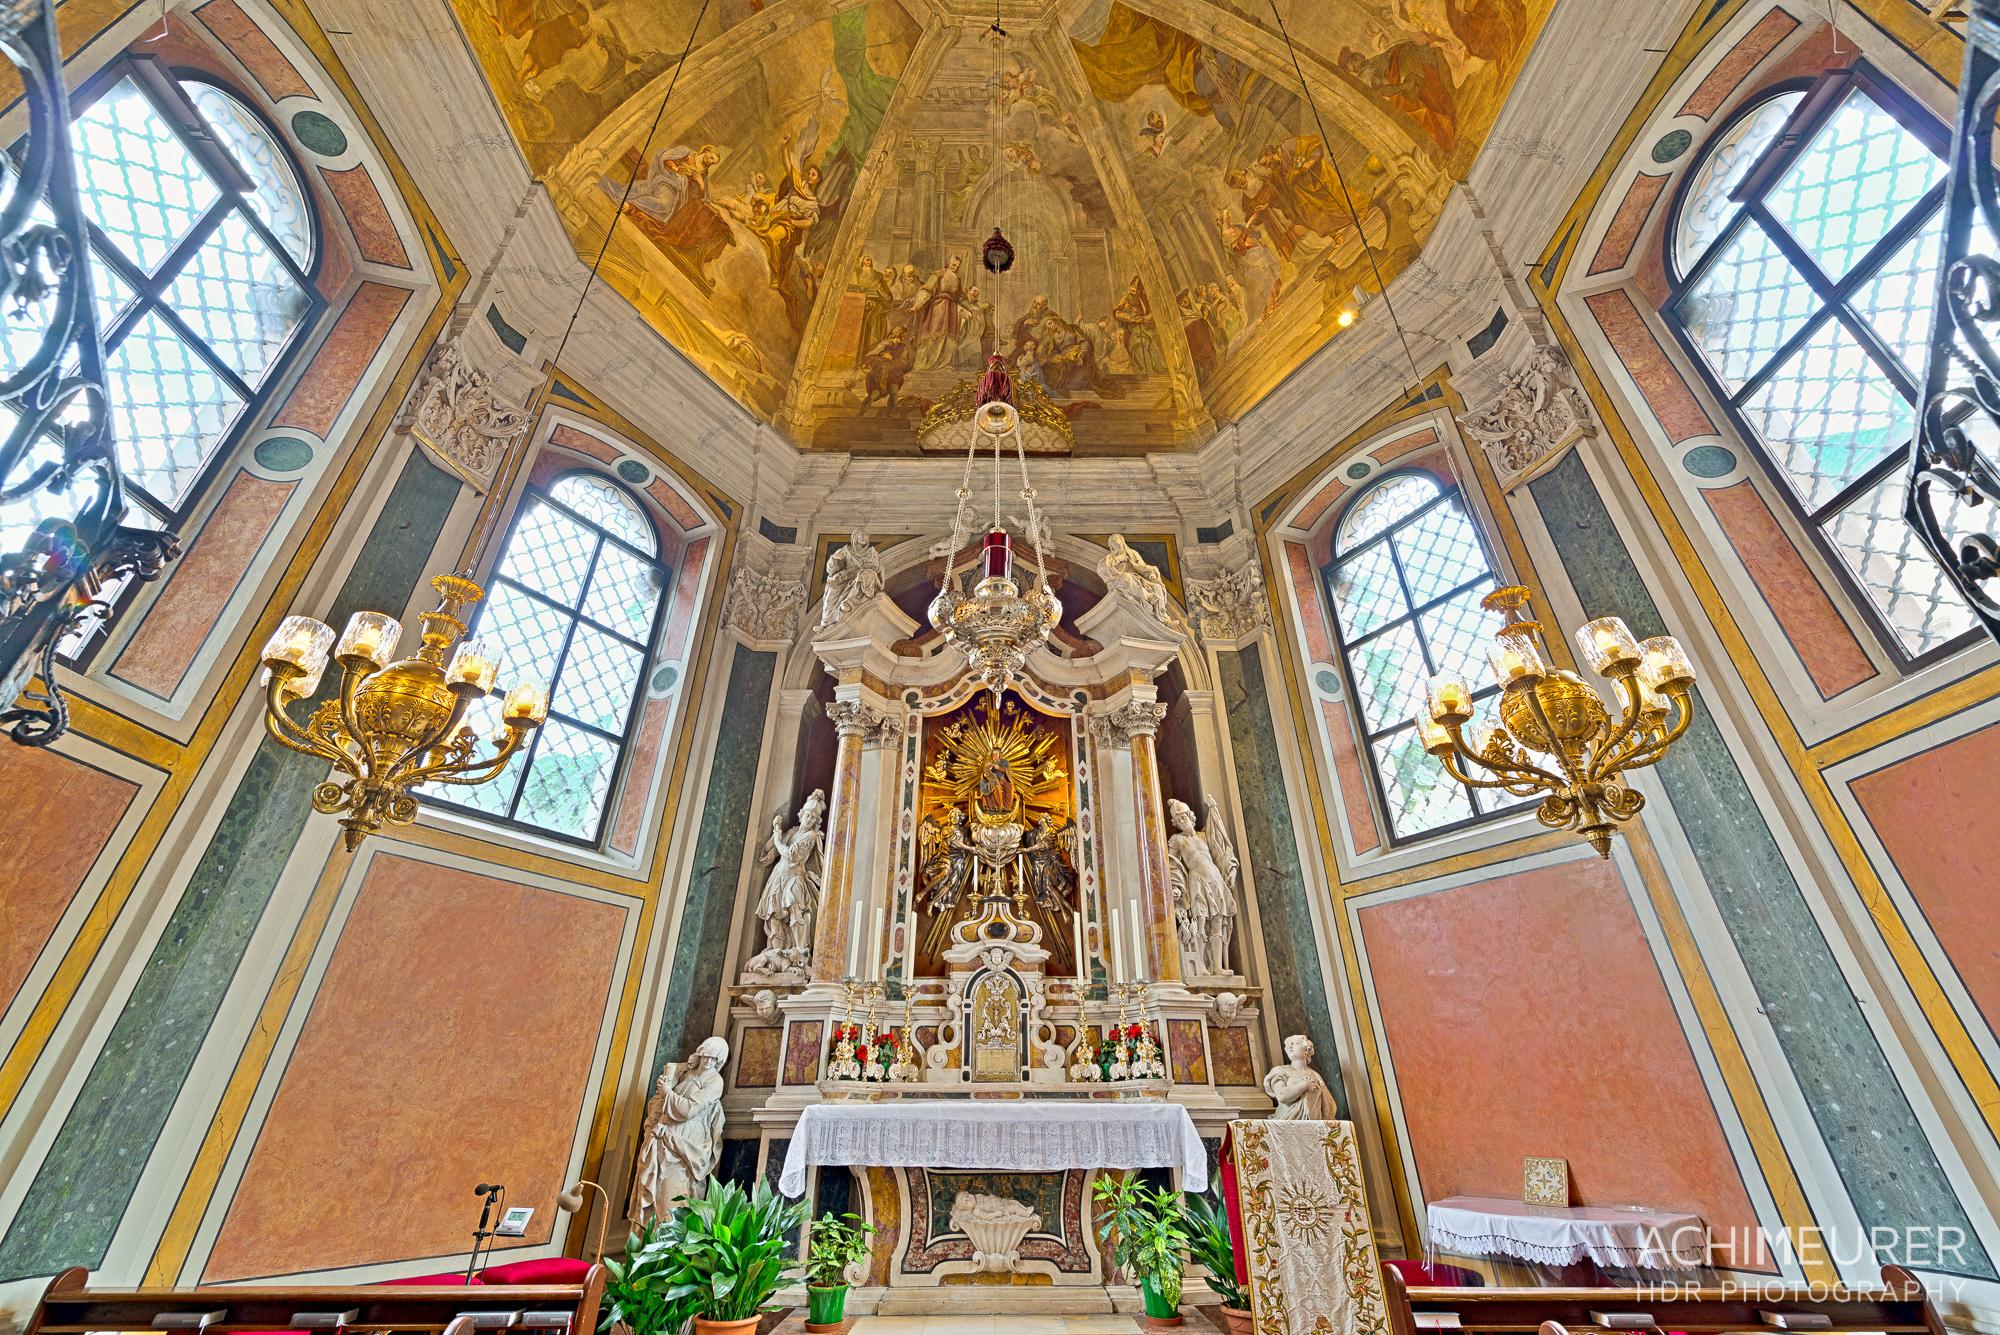 Suedtirol-Sueden-Bozen-Dom-Kirche_0721_20_19_18_17_16_15_14_13_HDR-Bearbeitet